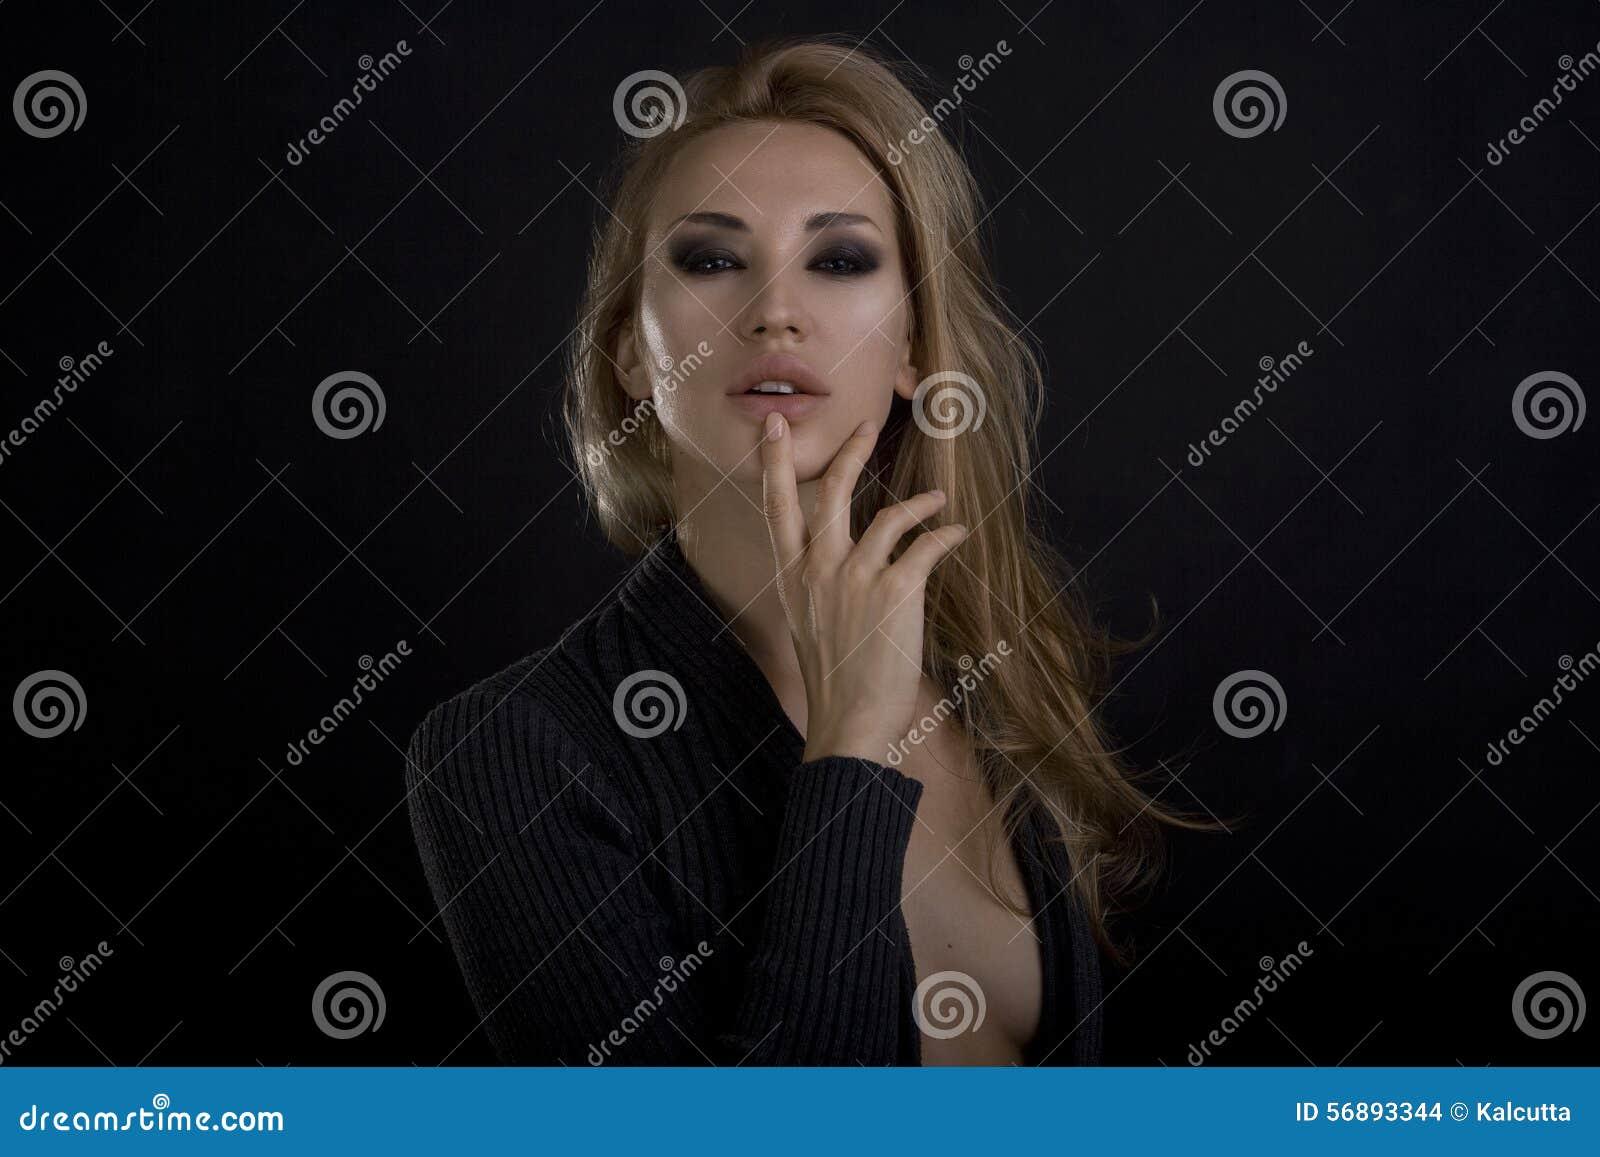 Piękna blond seksowna kobieta Być może przygląda się makeup smokey